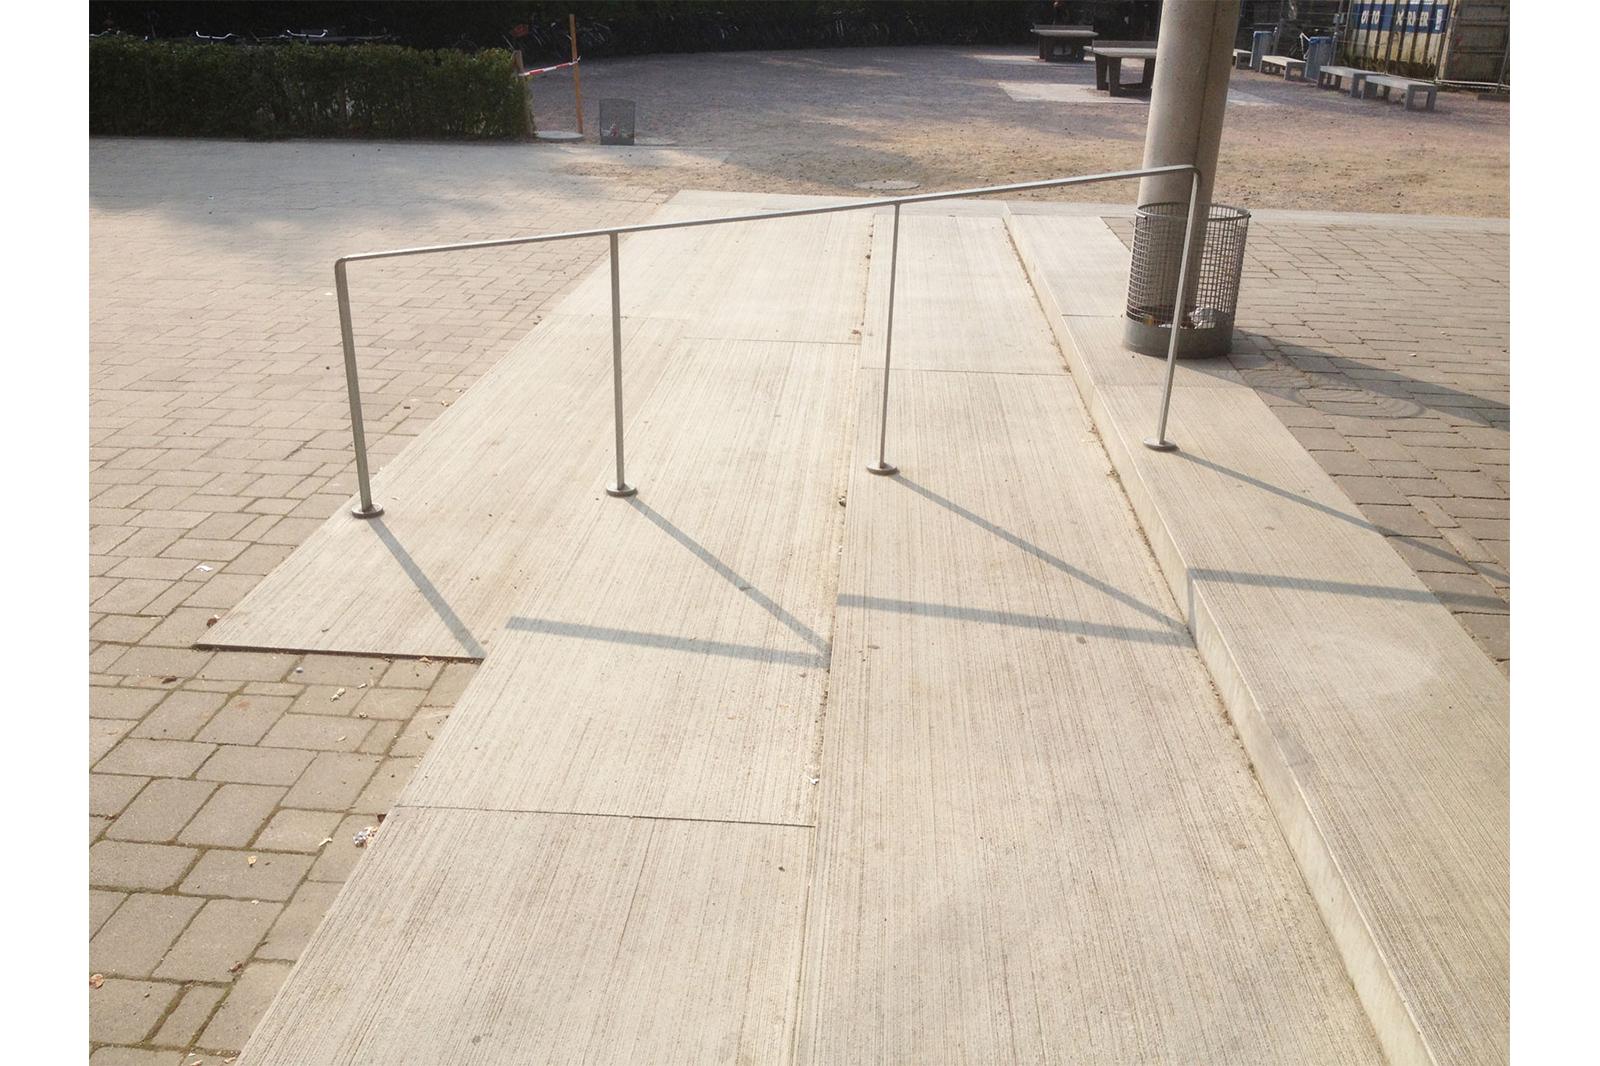 gymnasium-rahlstedt-treppe-entwurfsplan-armbruster-aussenanlagen-landschaftsarchitektur